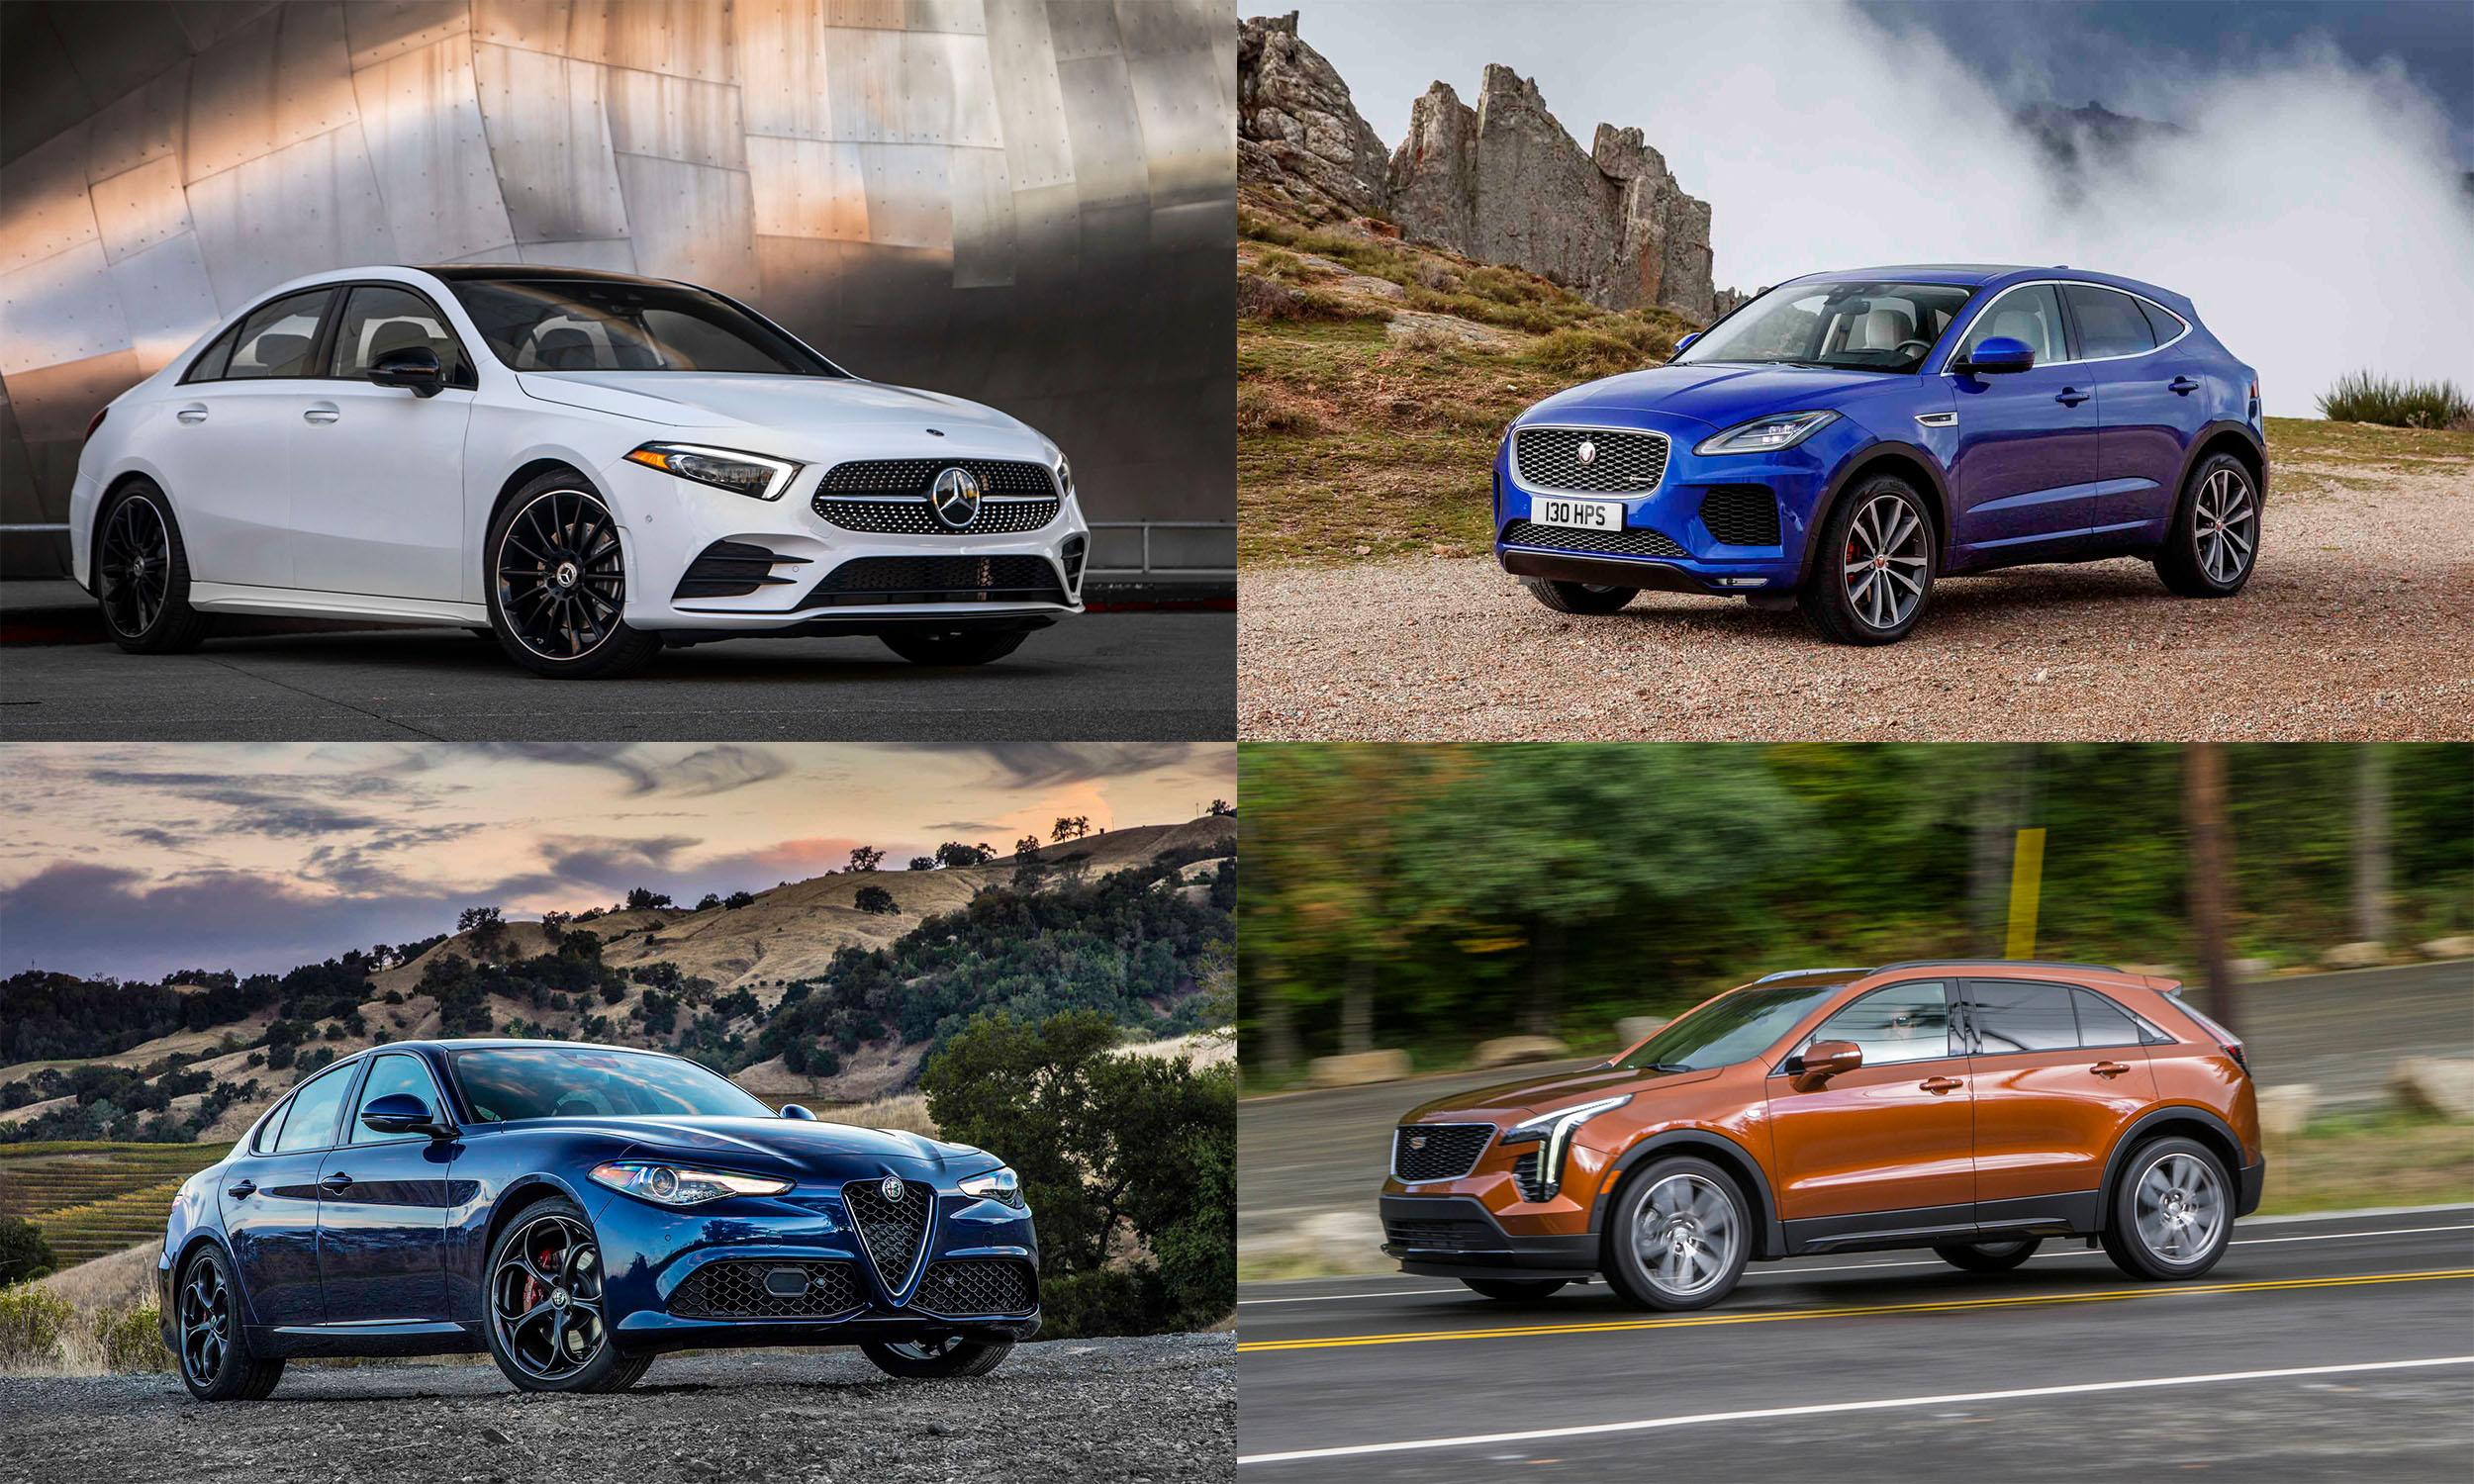 2019 Pebble Beach Concours: Tour d'Elegance | Our Auto Expert